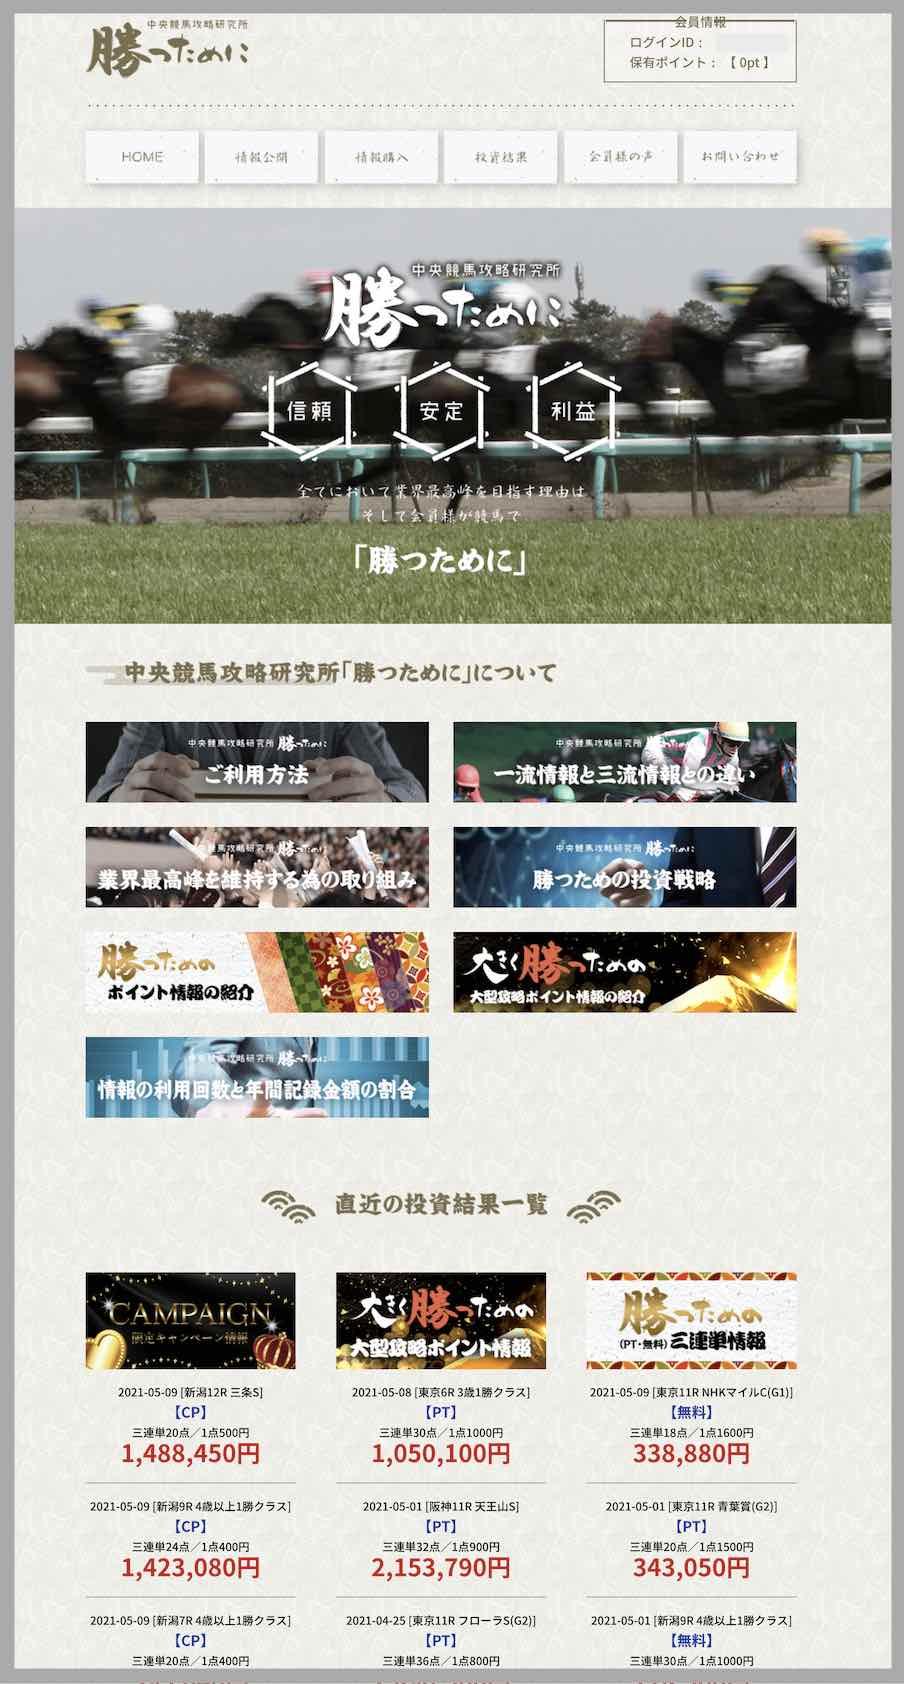 勝つためにという競馬予想サイトの会員ページ